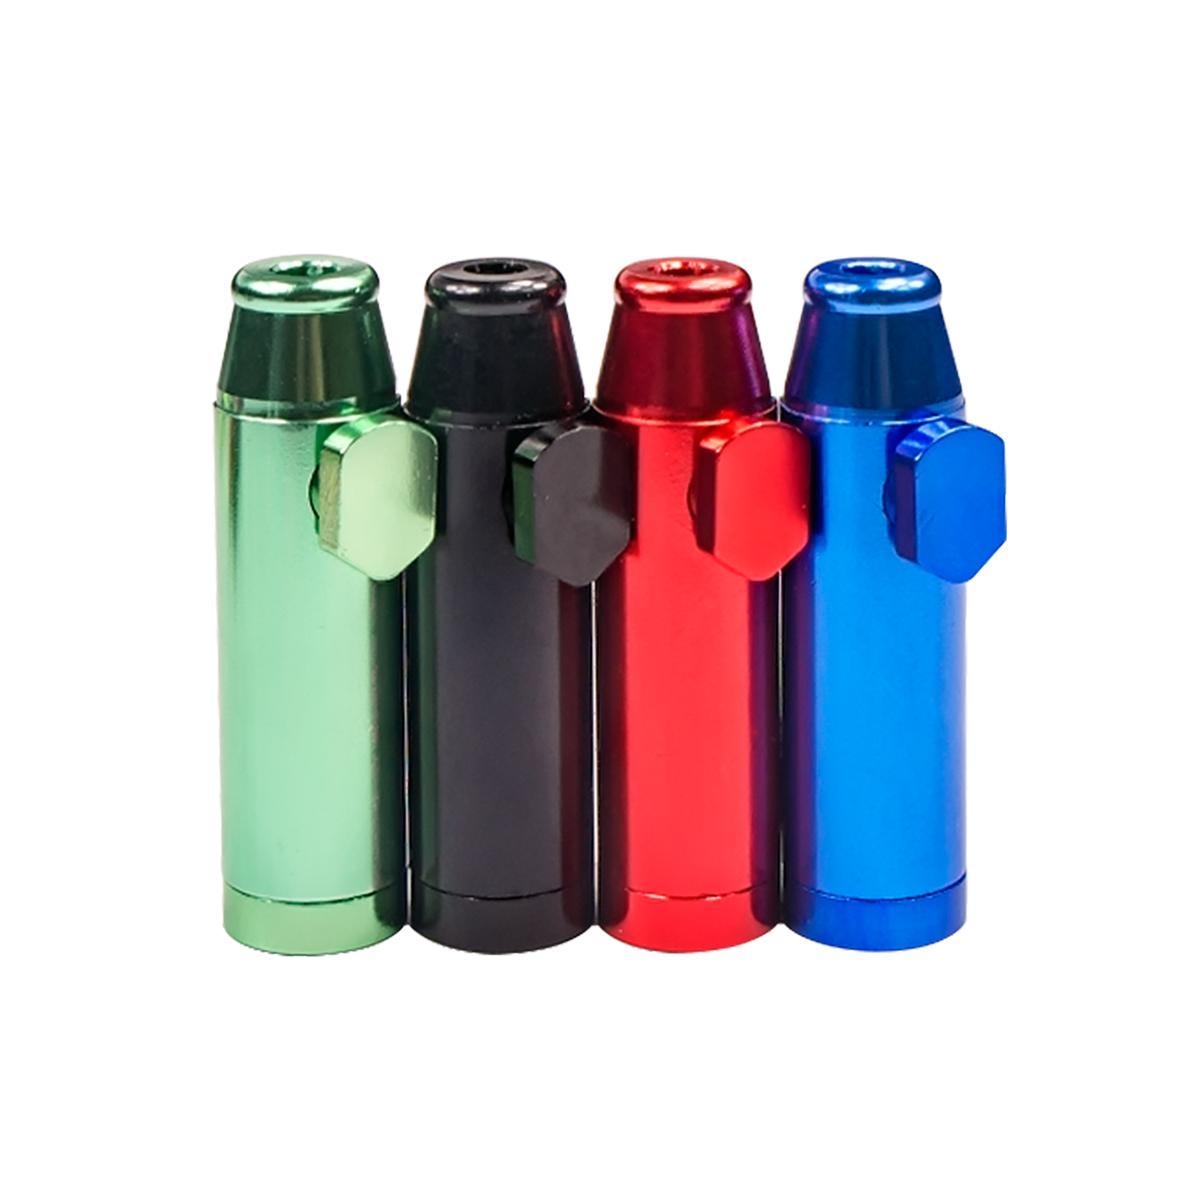 FormAX420 5 PCS 54 mm x 15 mm de aluminio Snifer Bullet Box Rocket Sniffer Sniffer Colores mixtos Enviar envío gratis al azar